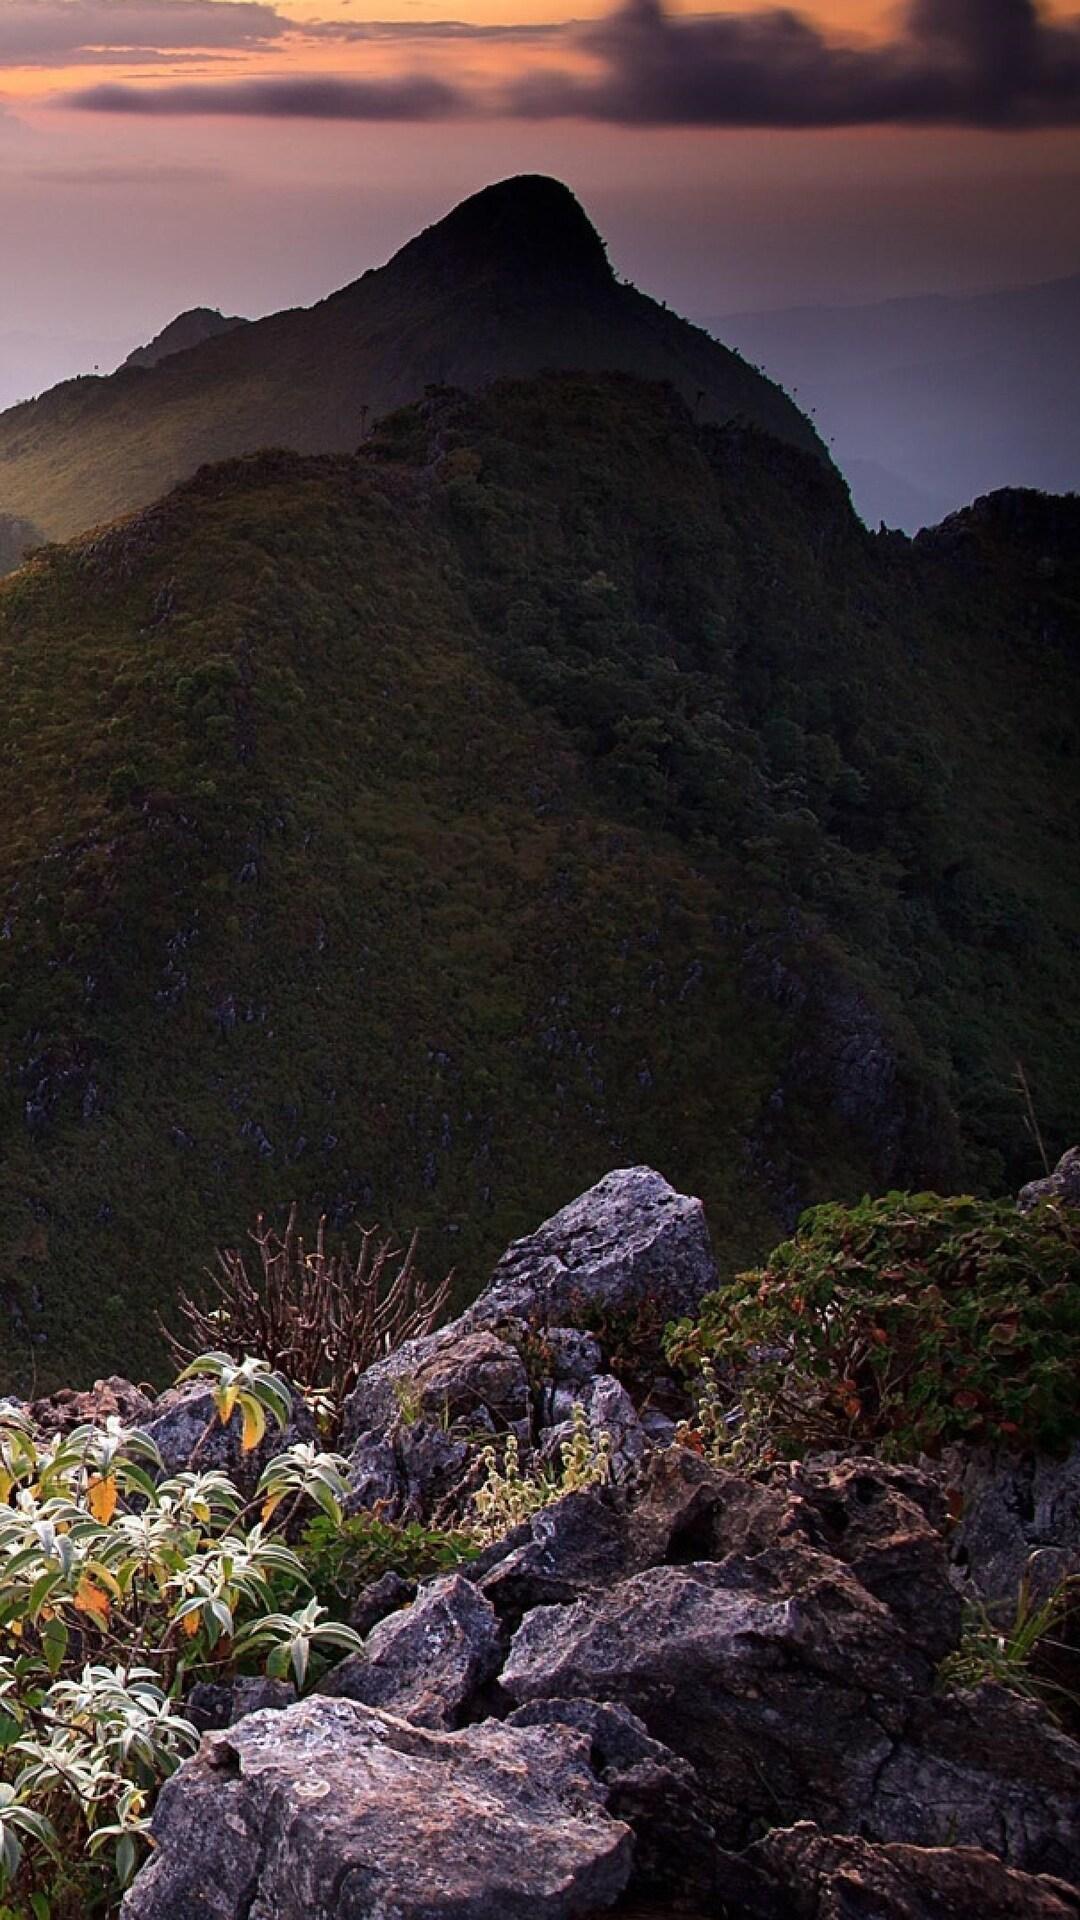 thailand-mountains.jpg